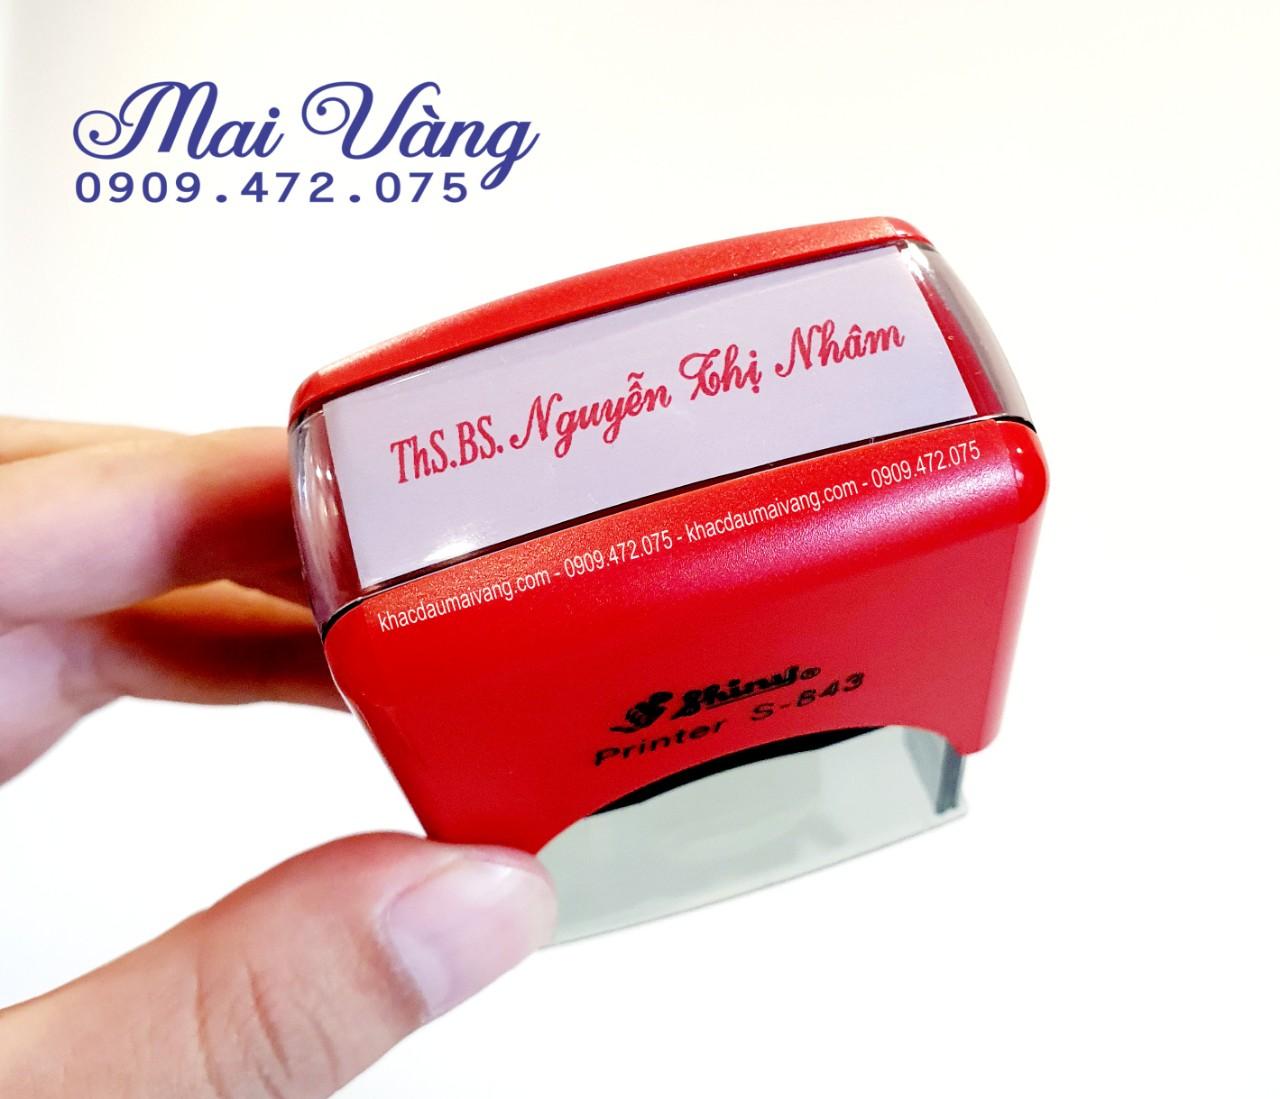 Quý khách đang cần làm con dấu tên tại Long Biên HN, dịch vụ làm con dấu giá rẻ lấy liền